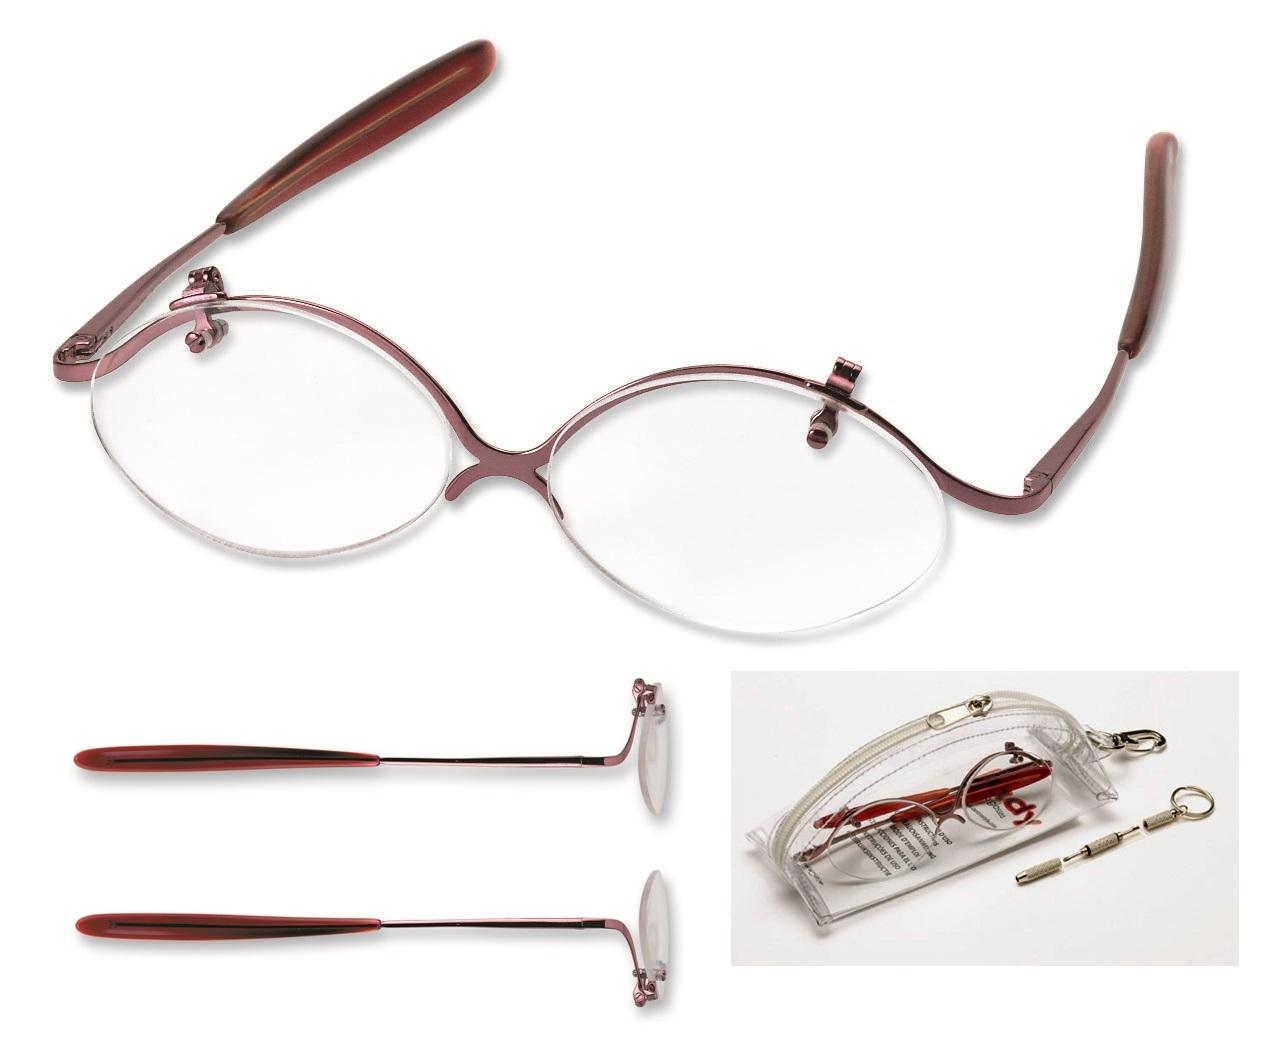 0214192 - Óculos Maquiagem Lente Demonstração Mod 14192 FLAG 9  -Contém 1 Peça